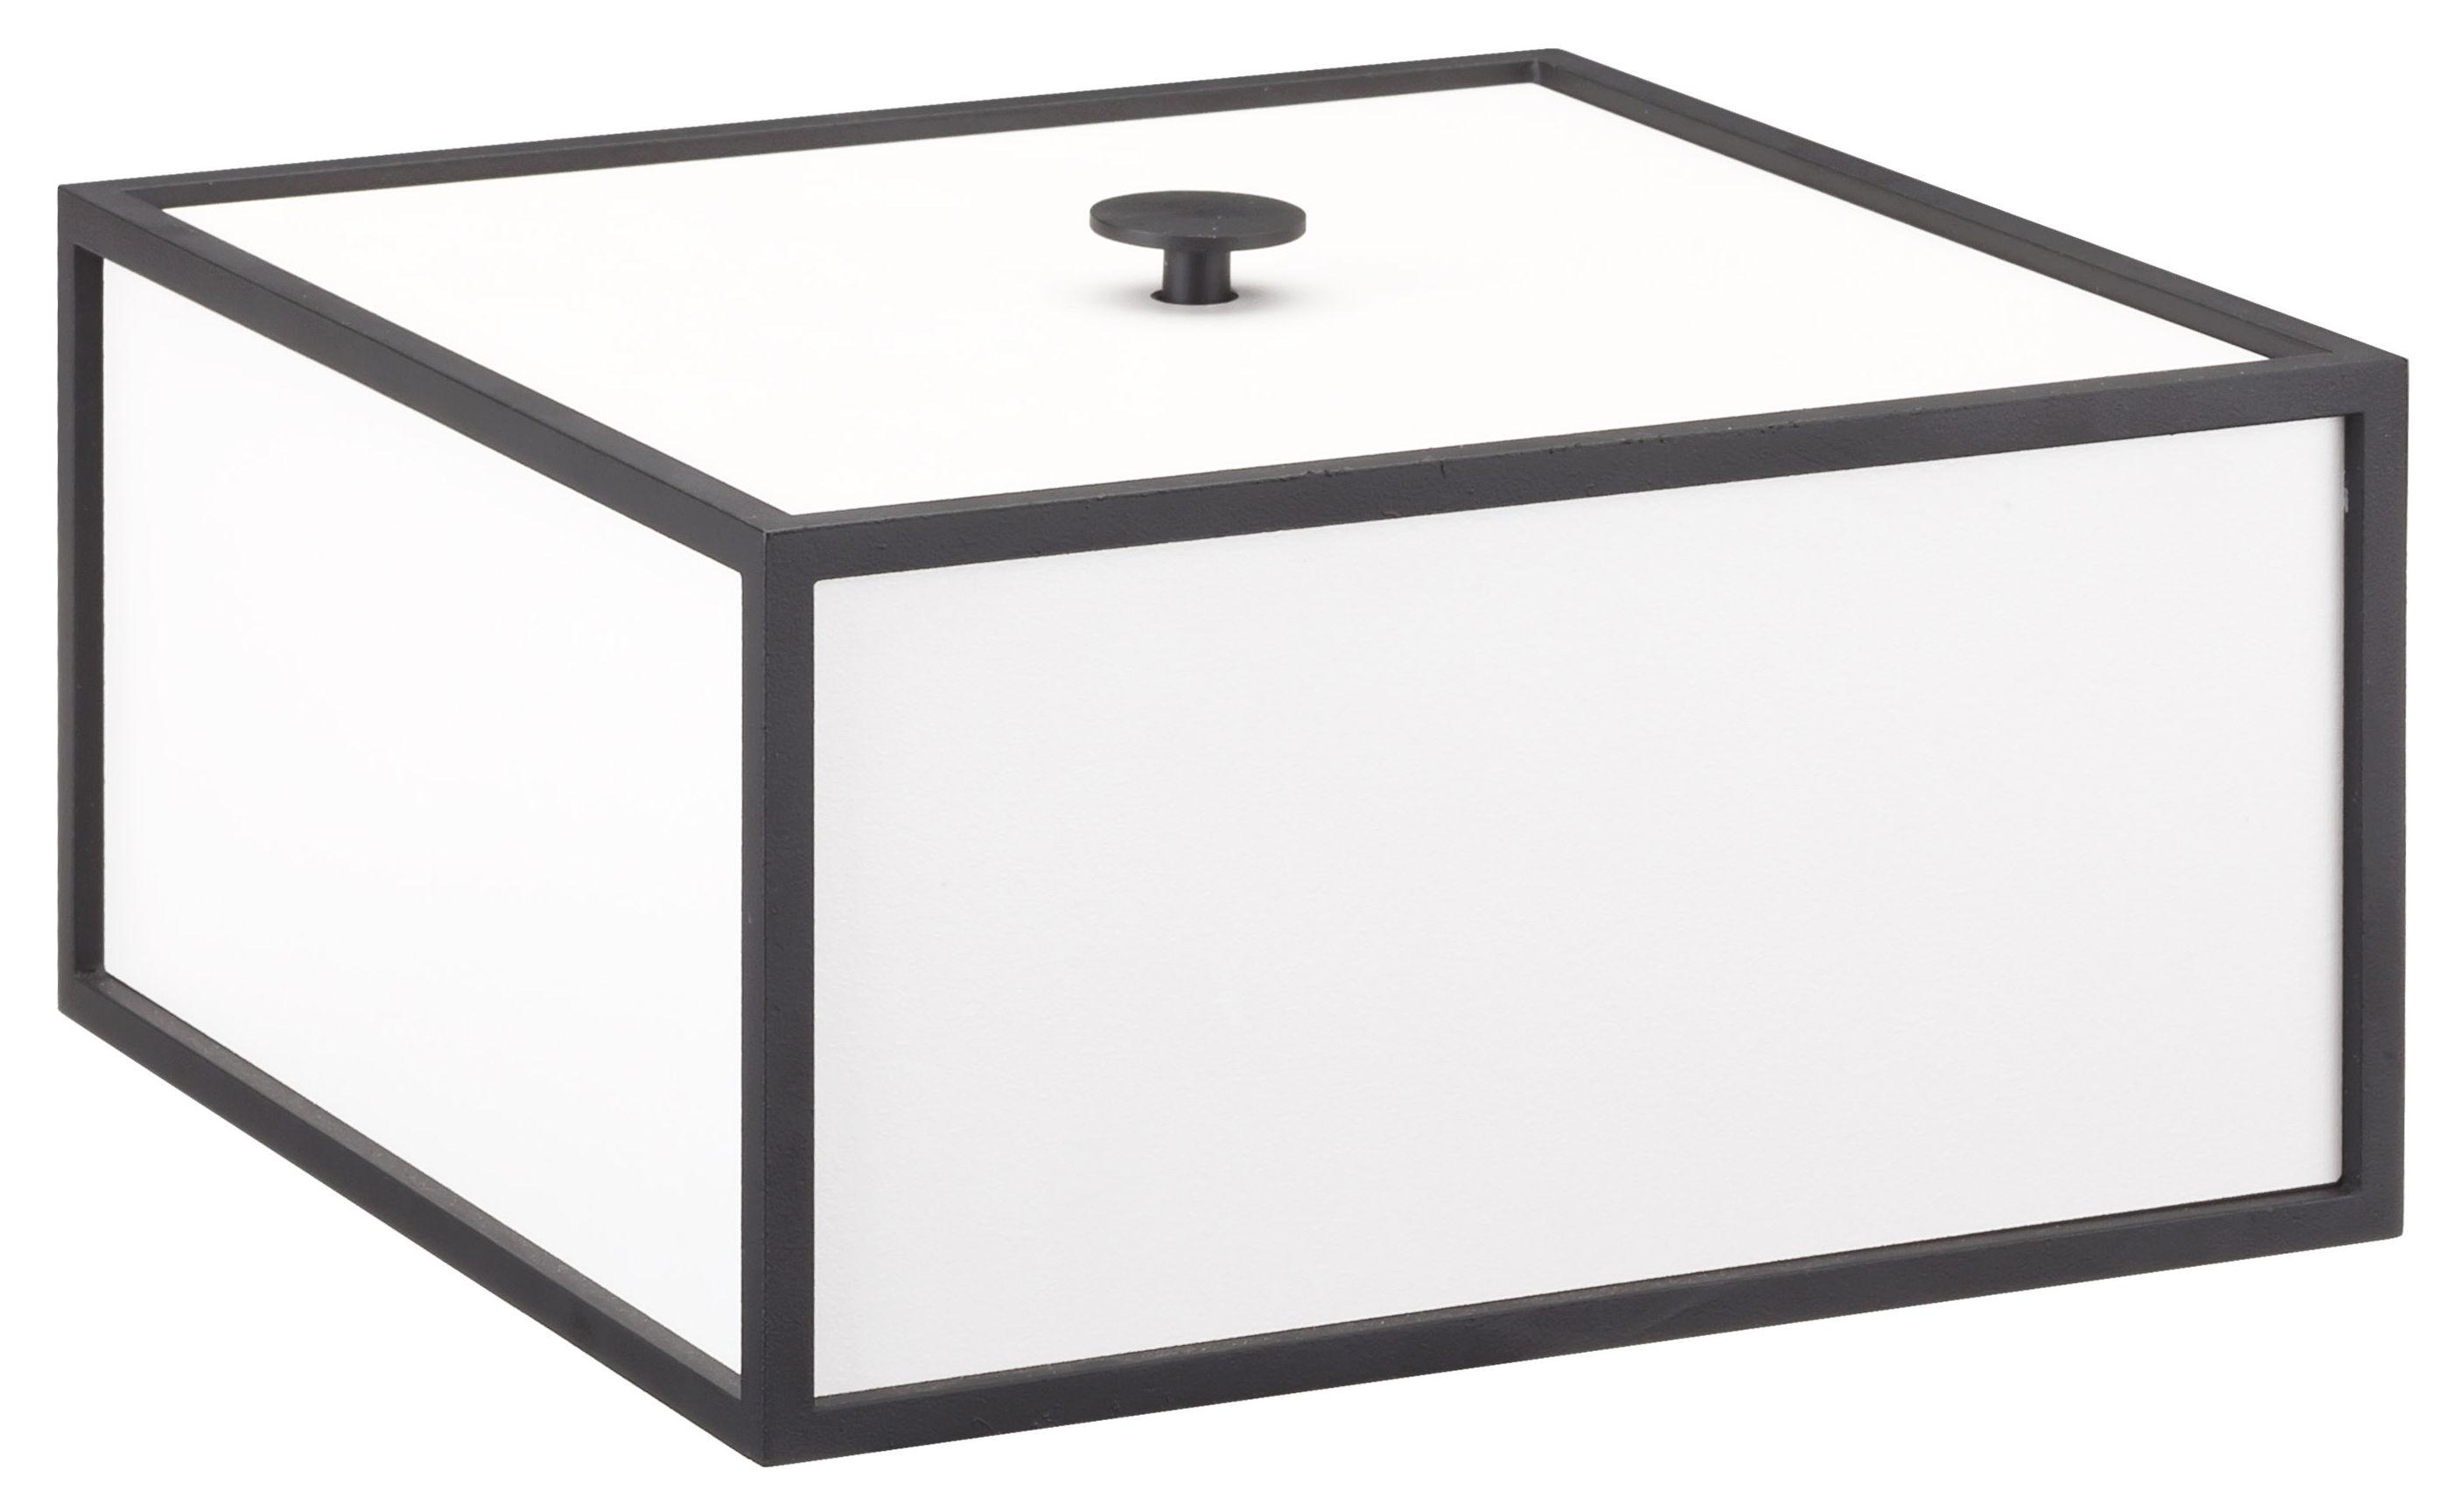 Interni - Scatole déco - Scatola Frame - / 20 x 20 cm - Legno & cornice metallo di by Lassen - 20 cm / Bianco & metallo nero - Acciaio laccato, MDF laccato